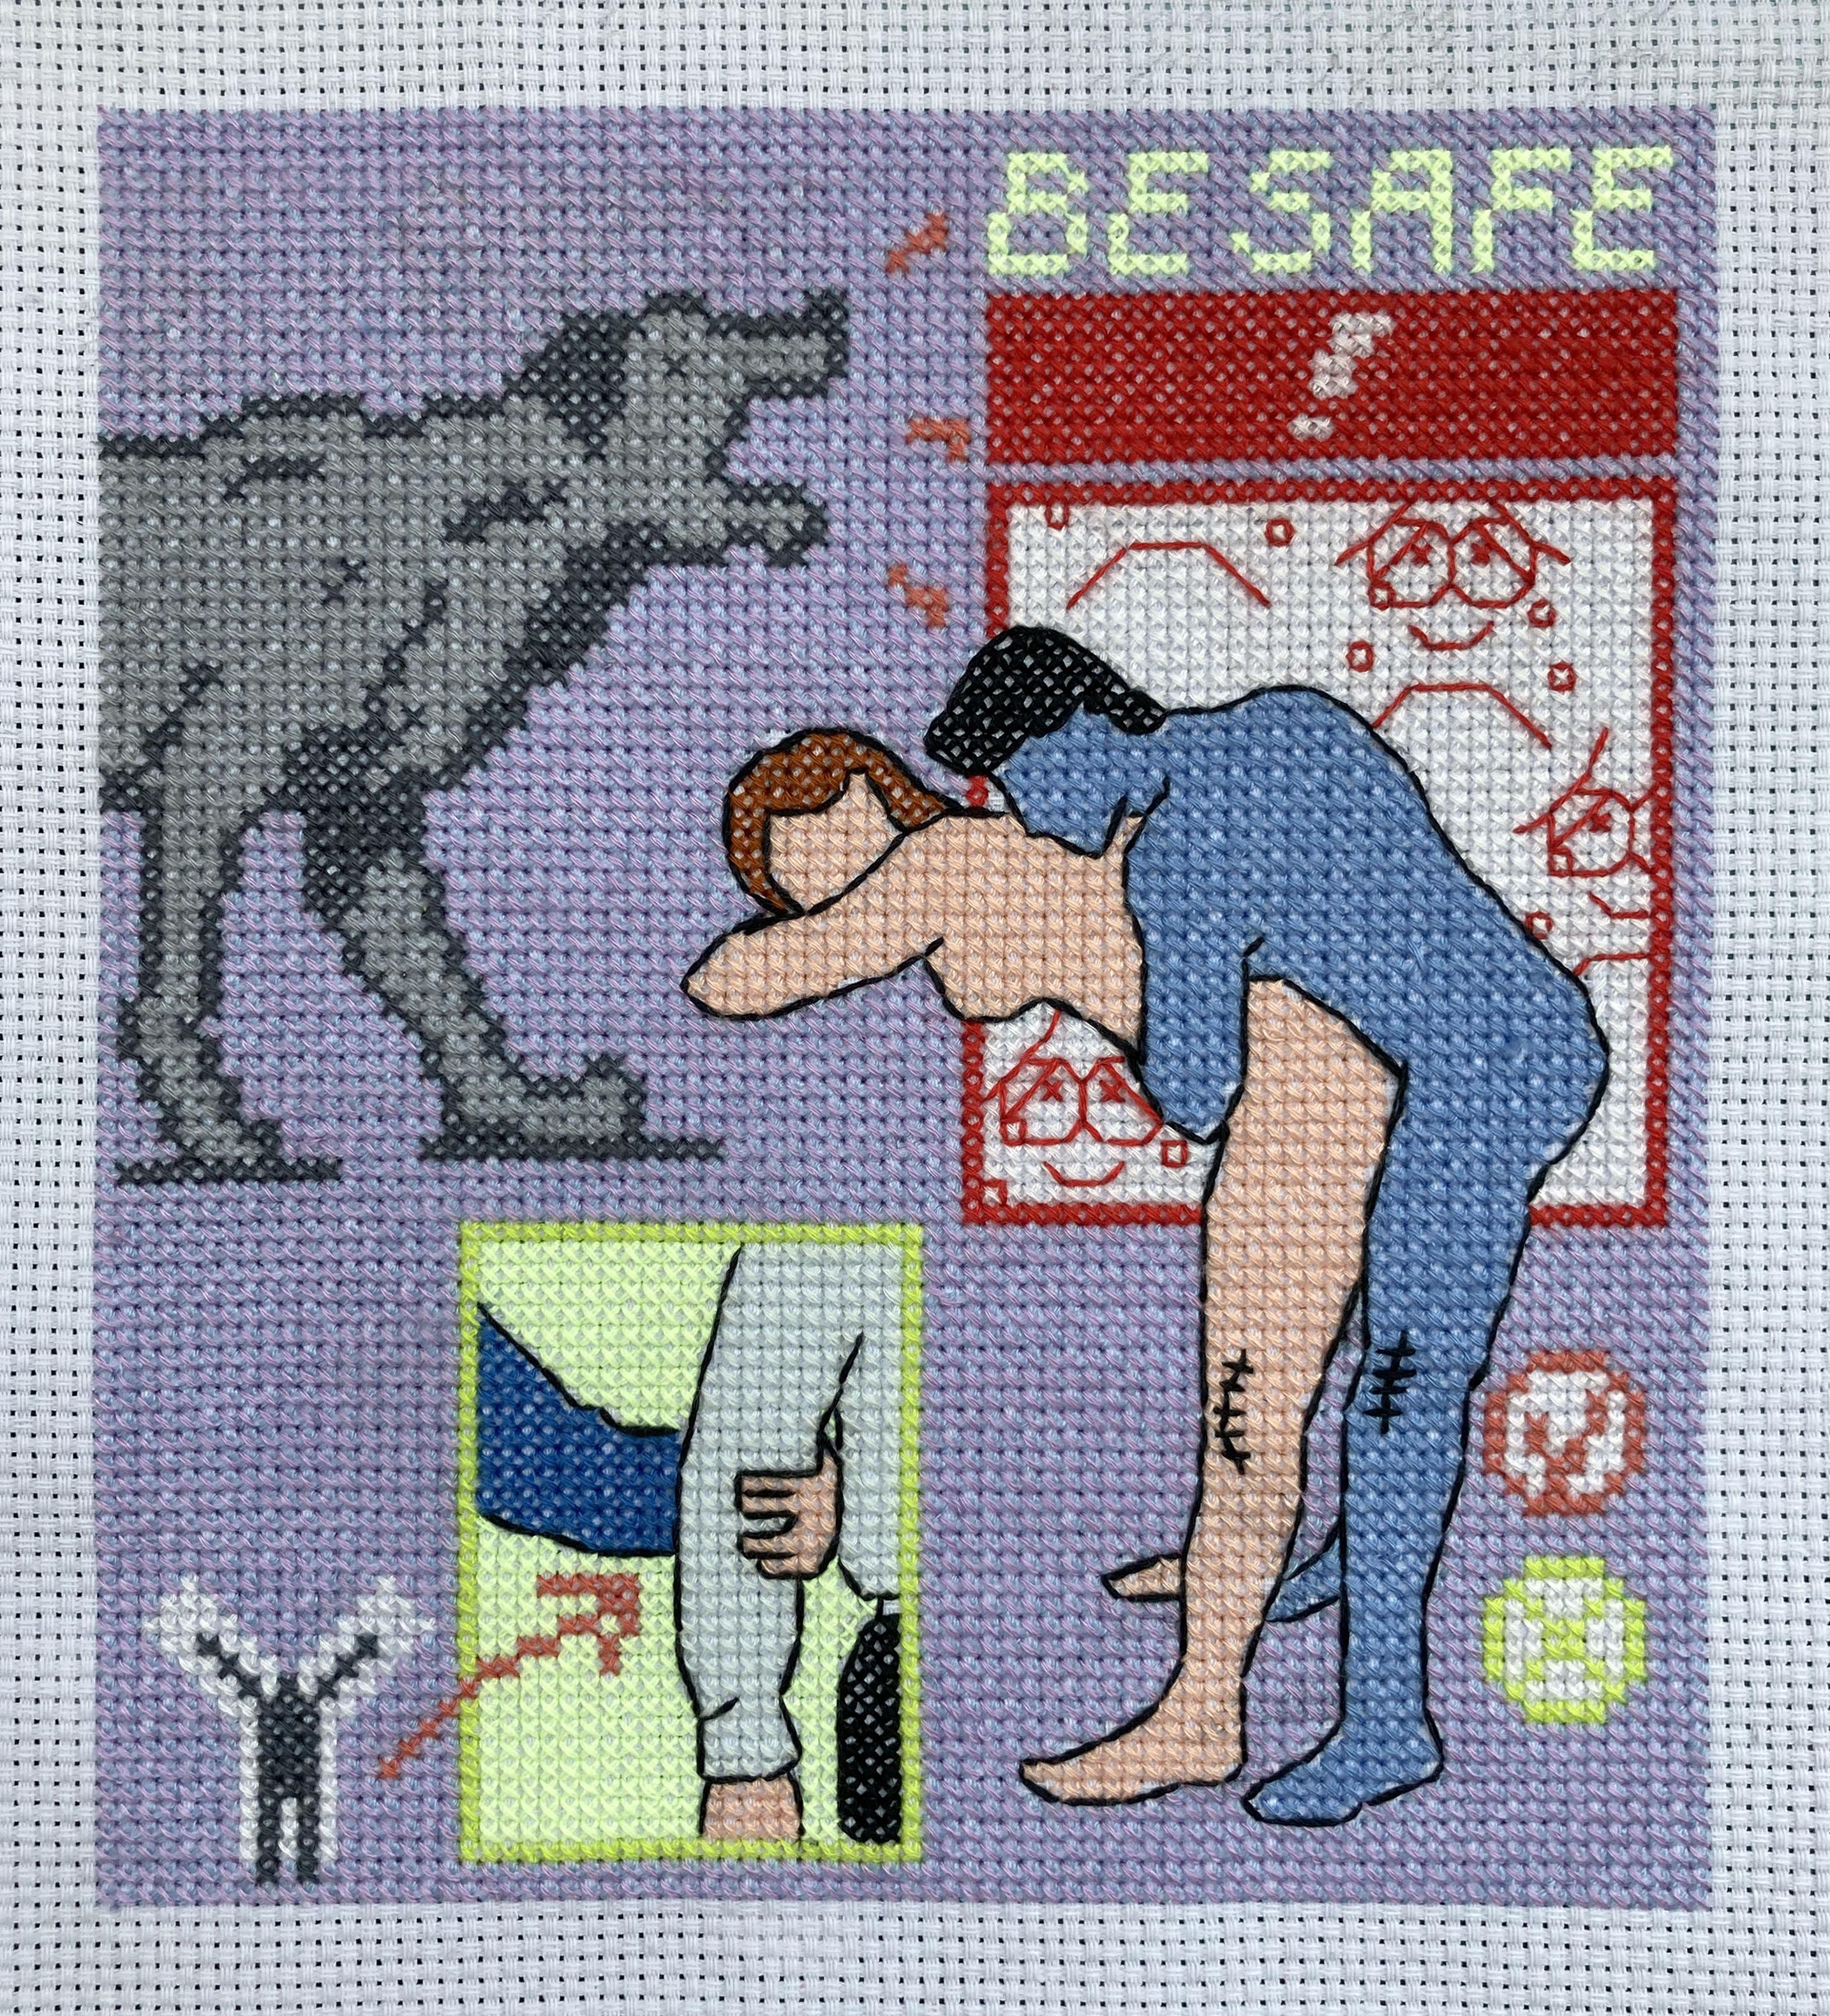 Untitled (Intimacy Safety)